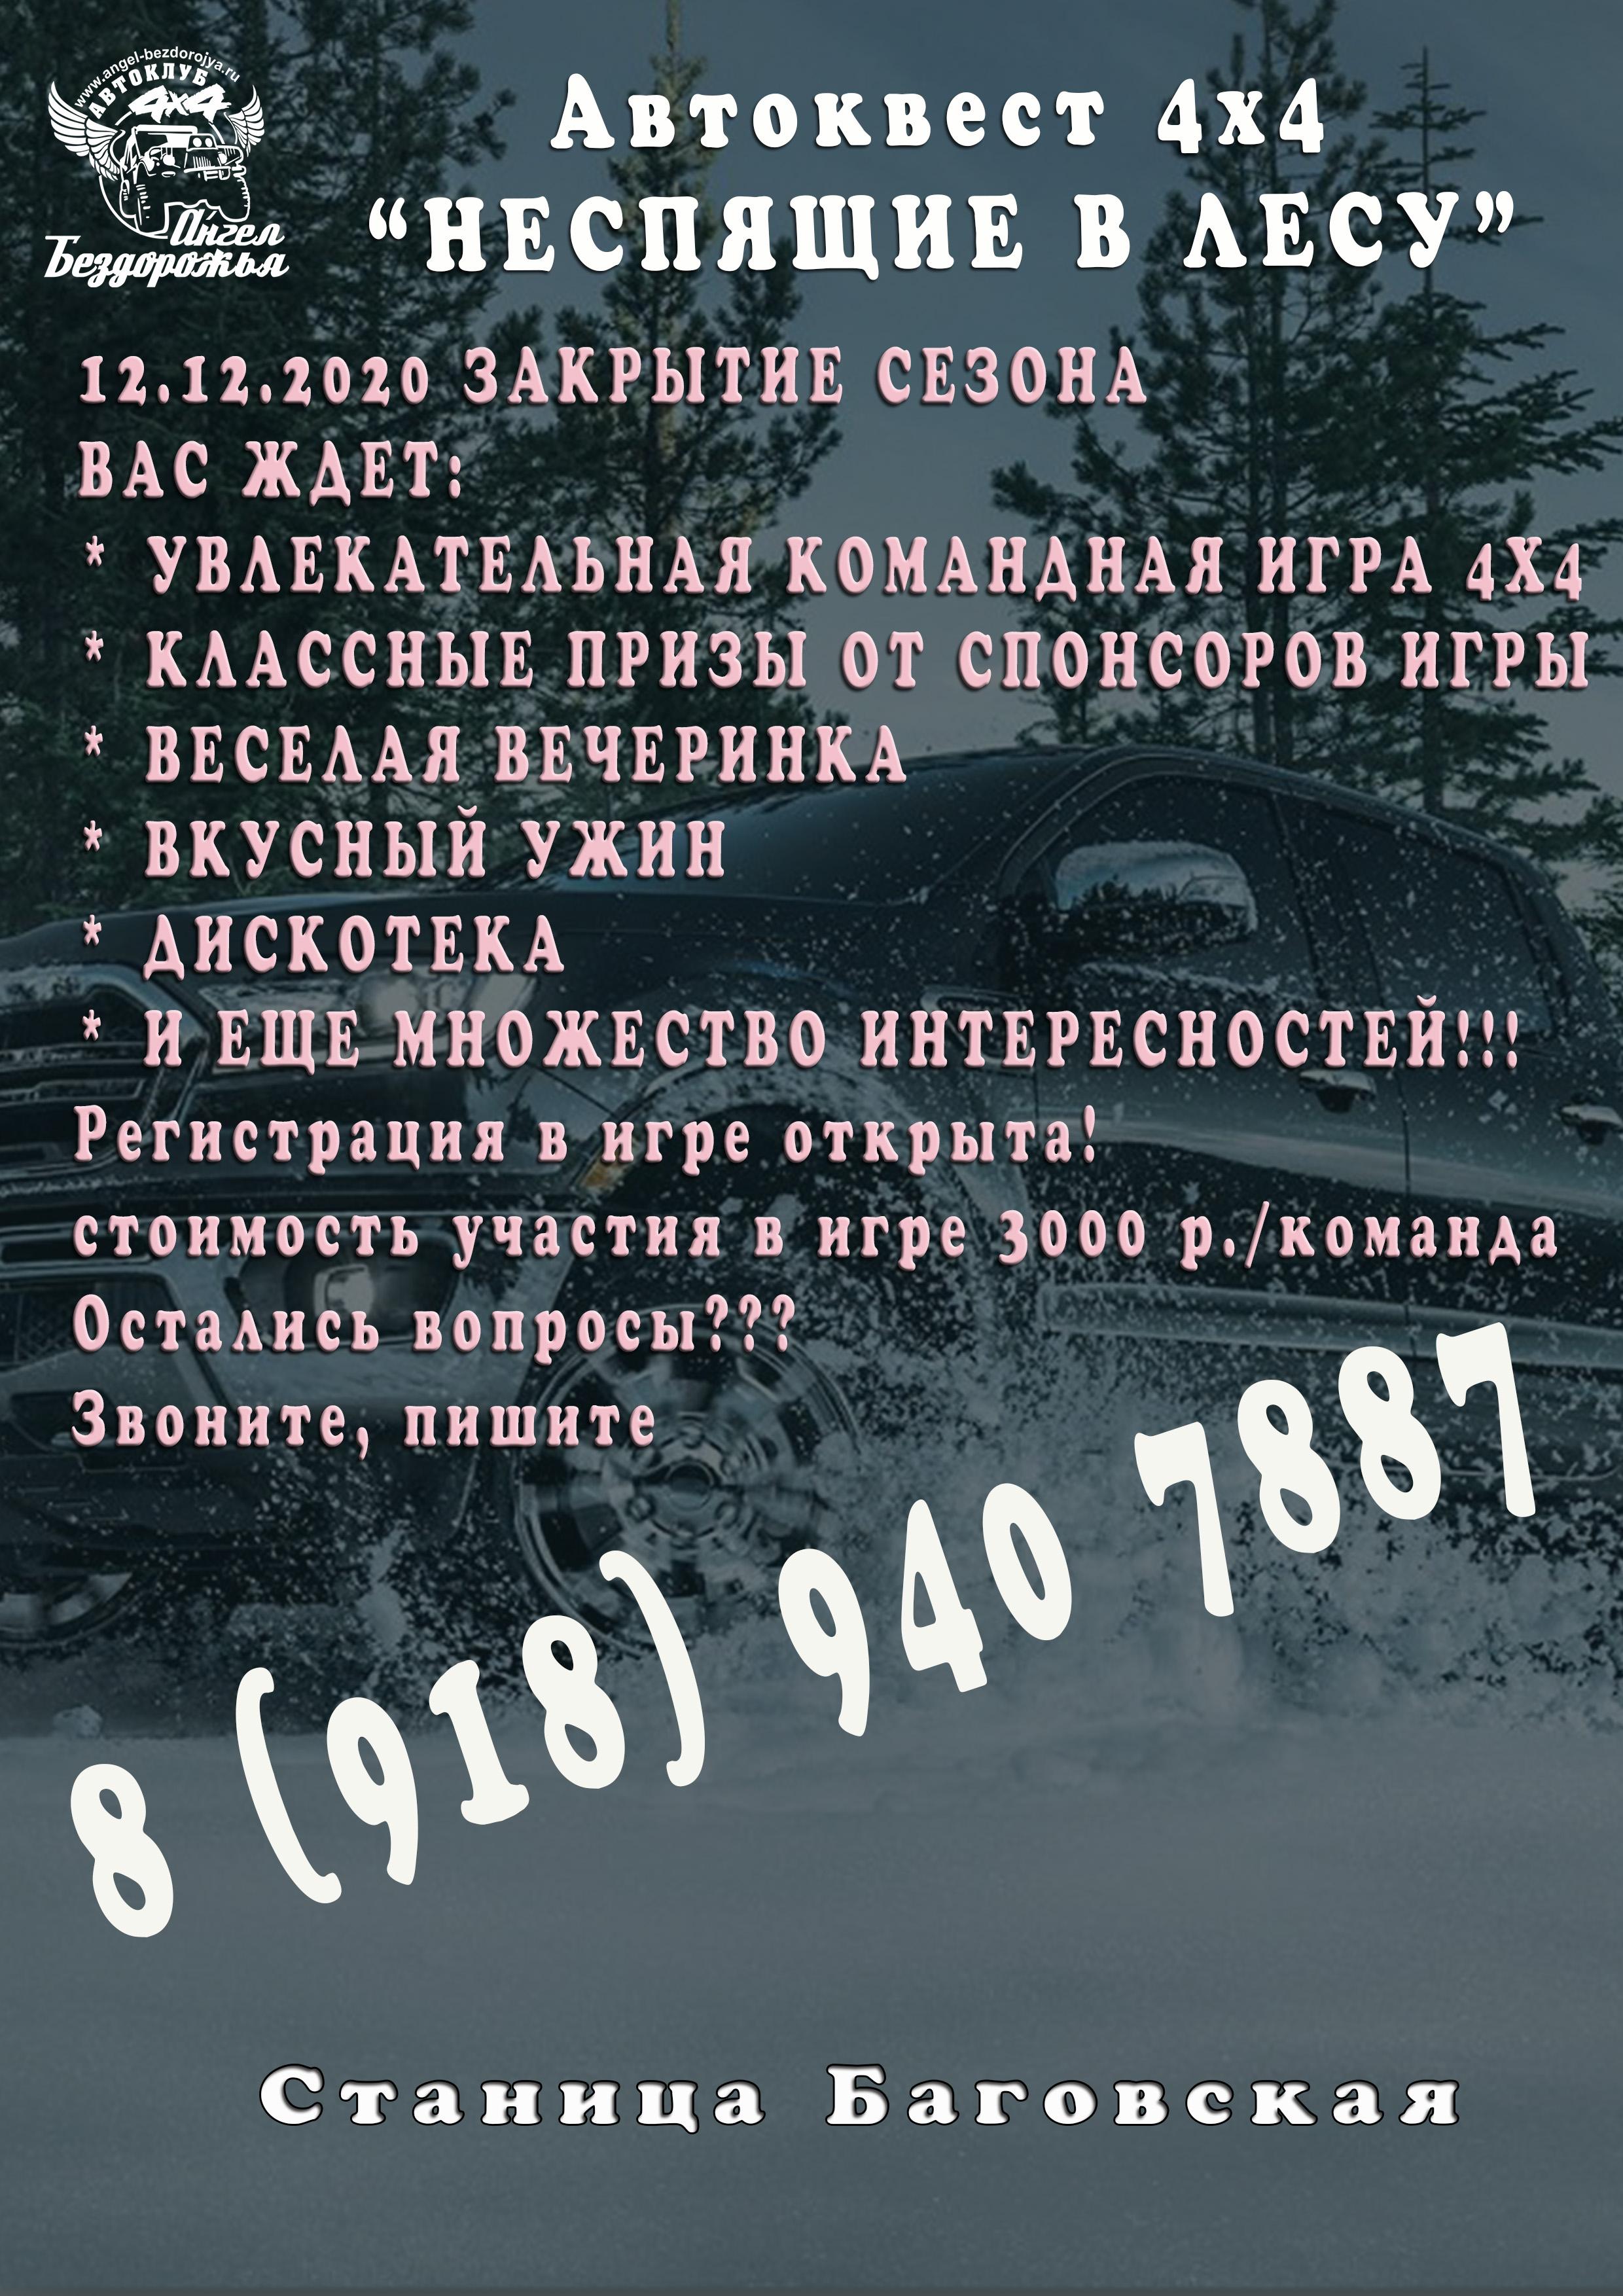 """Автоквест 4х4 """"Неспящие в лесу"""" 12.12.2020"""